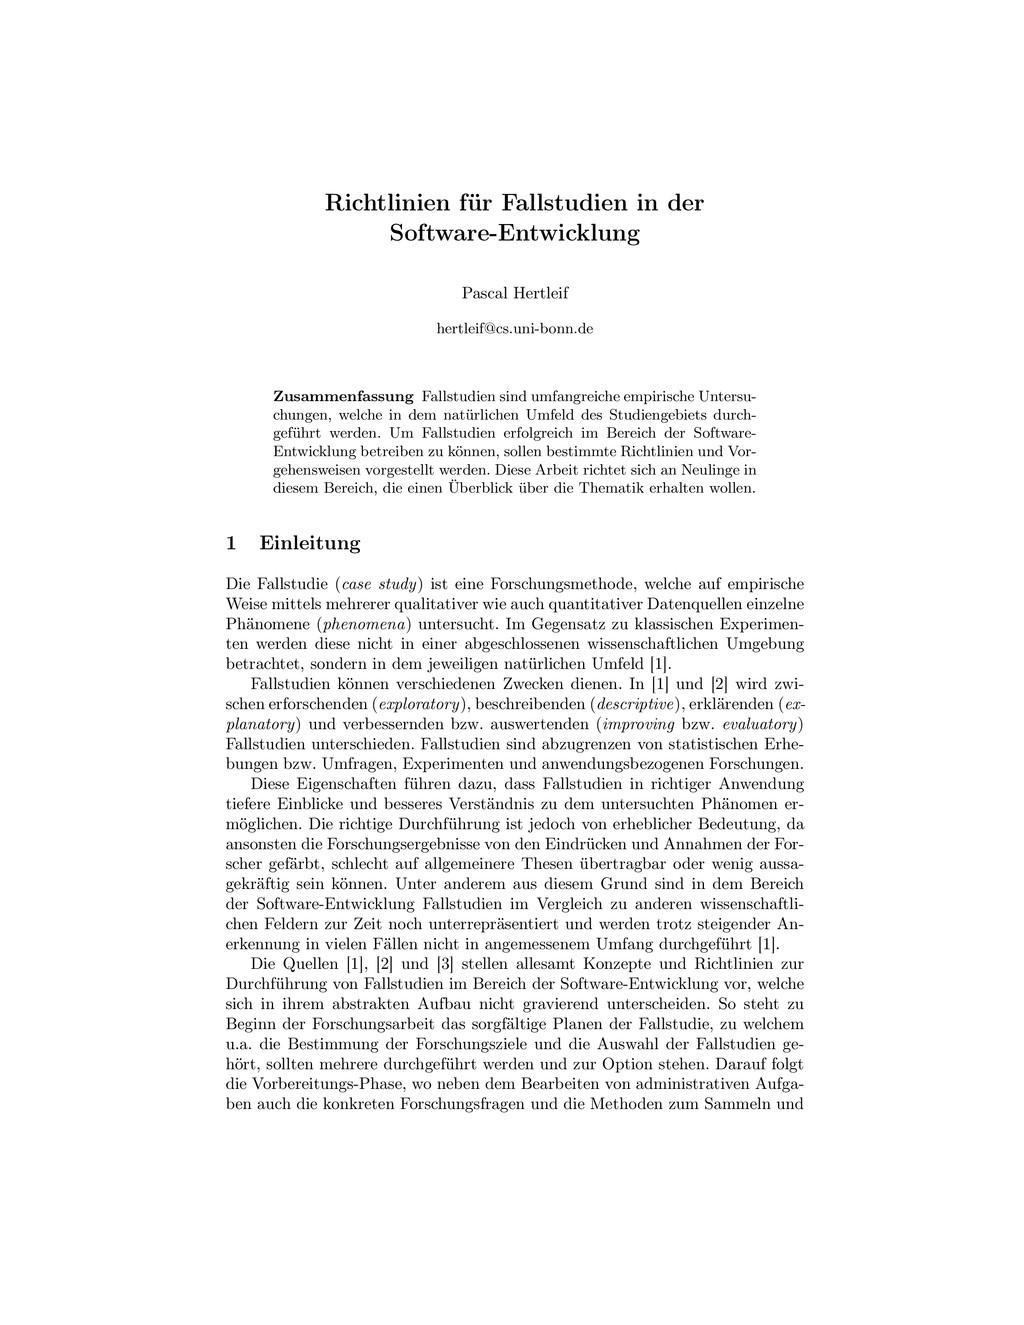 Richtlinien für Fallstudien in der Software-Ent...